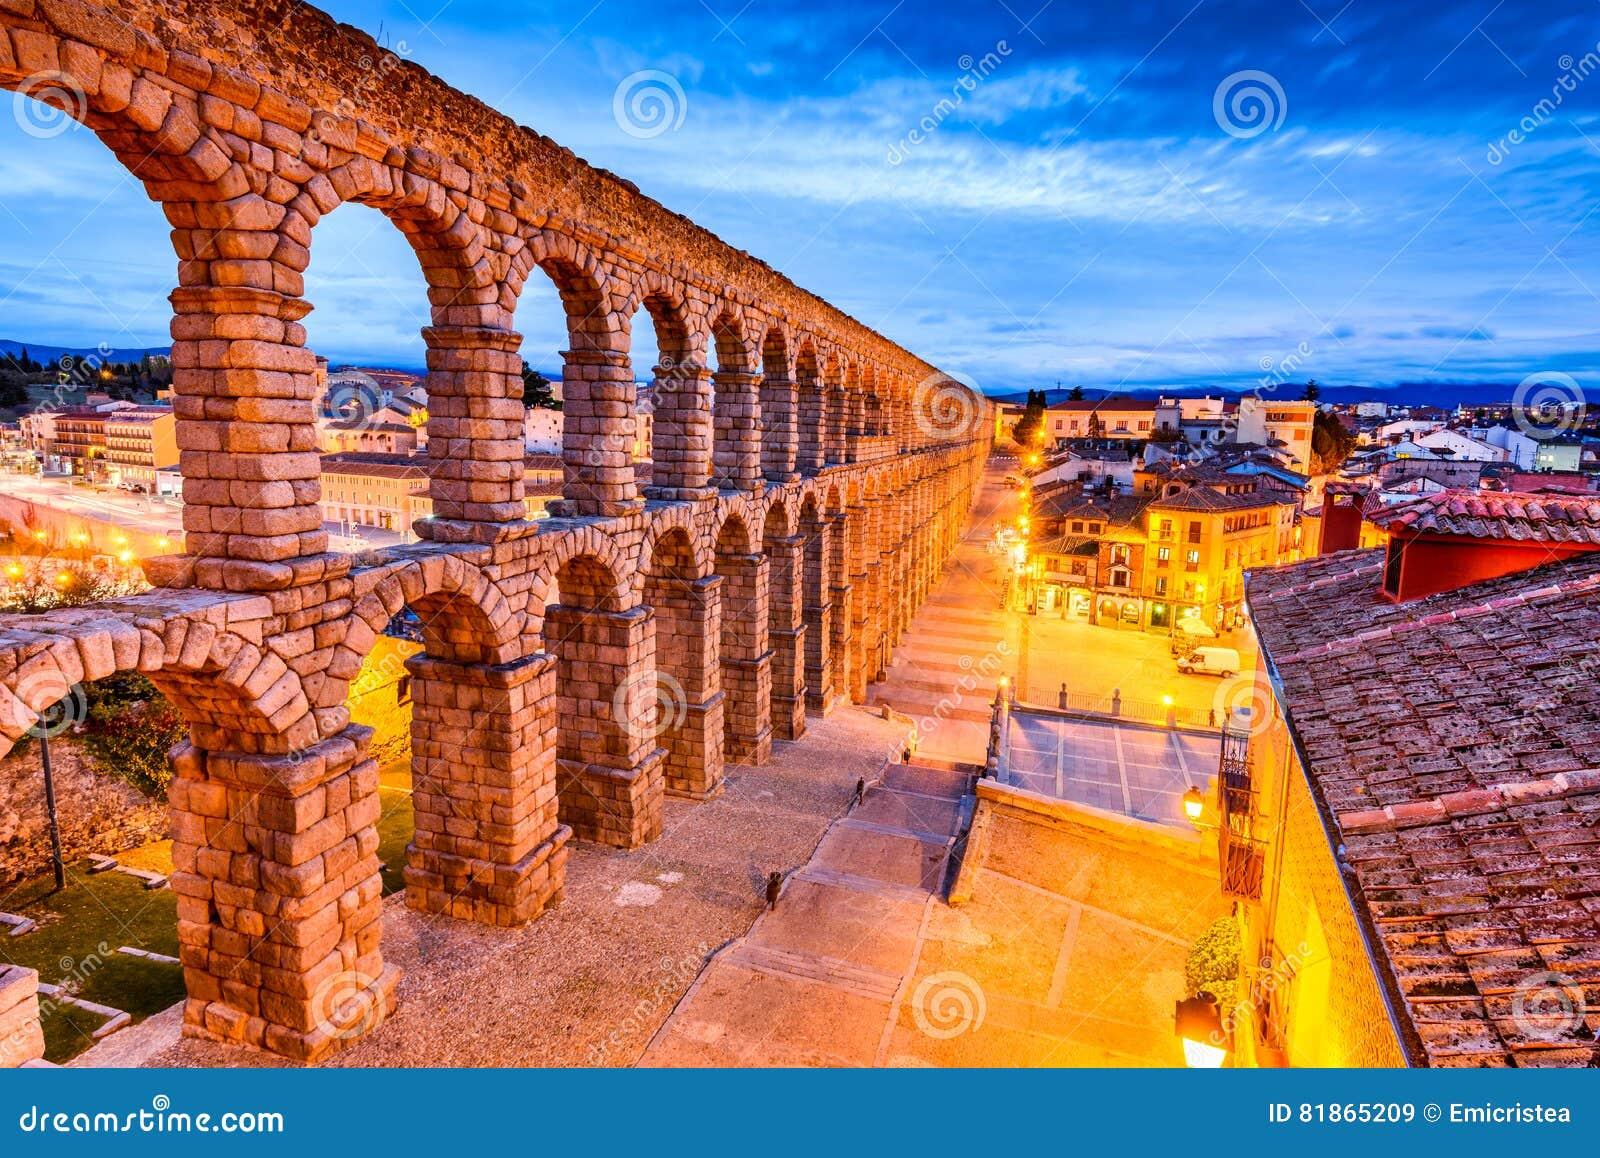 Segovia, Spagna - Castiglia y Leon, l aquedotto